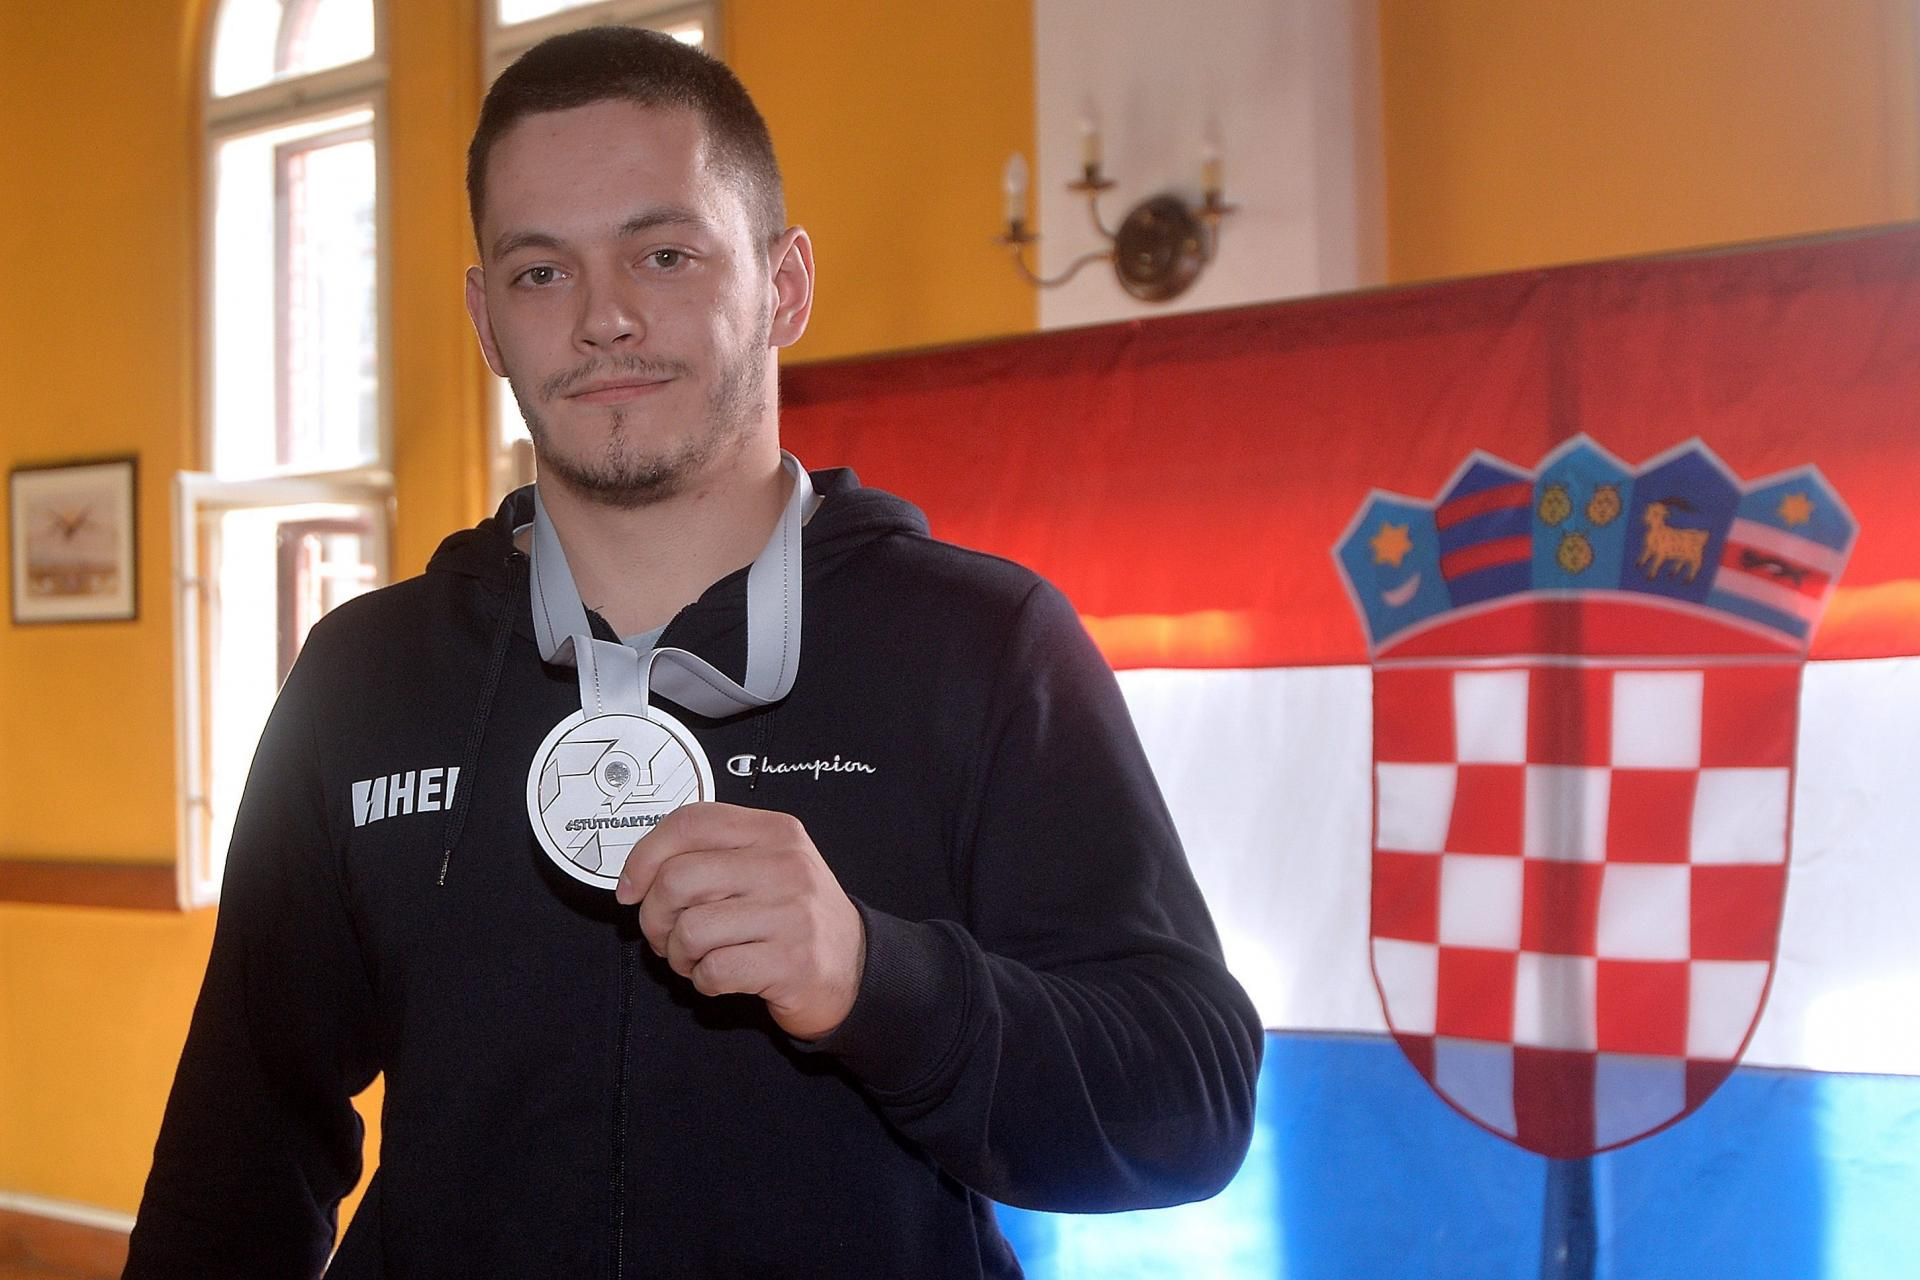 Zlato Tina Srbića na Svjetskom kupu: Skrpali ga za finale, pa dobio jednu od najvećih ocjena u karijeri